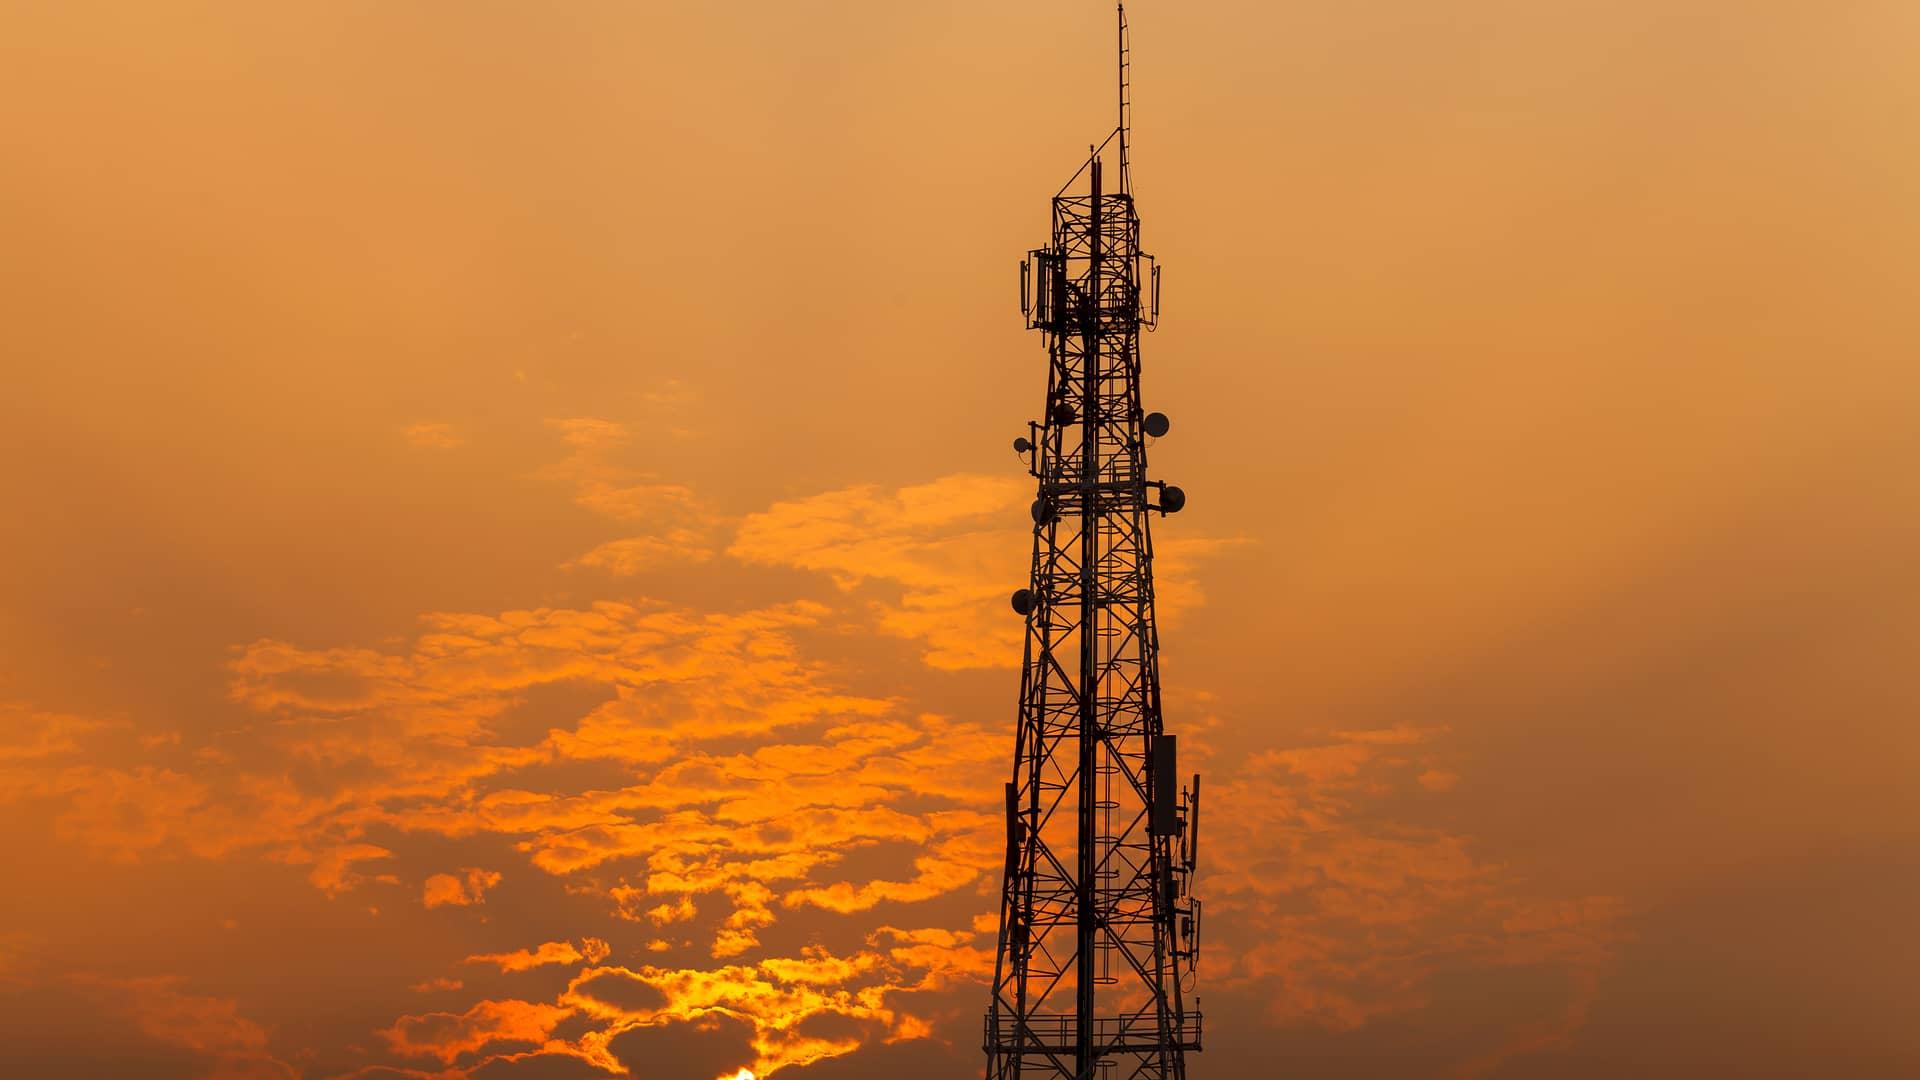 Antena telefonía simboliza cobertura del racc